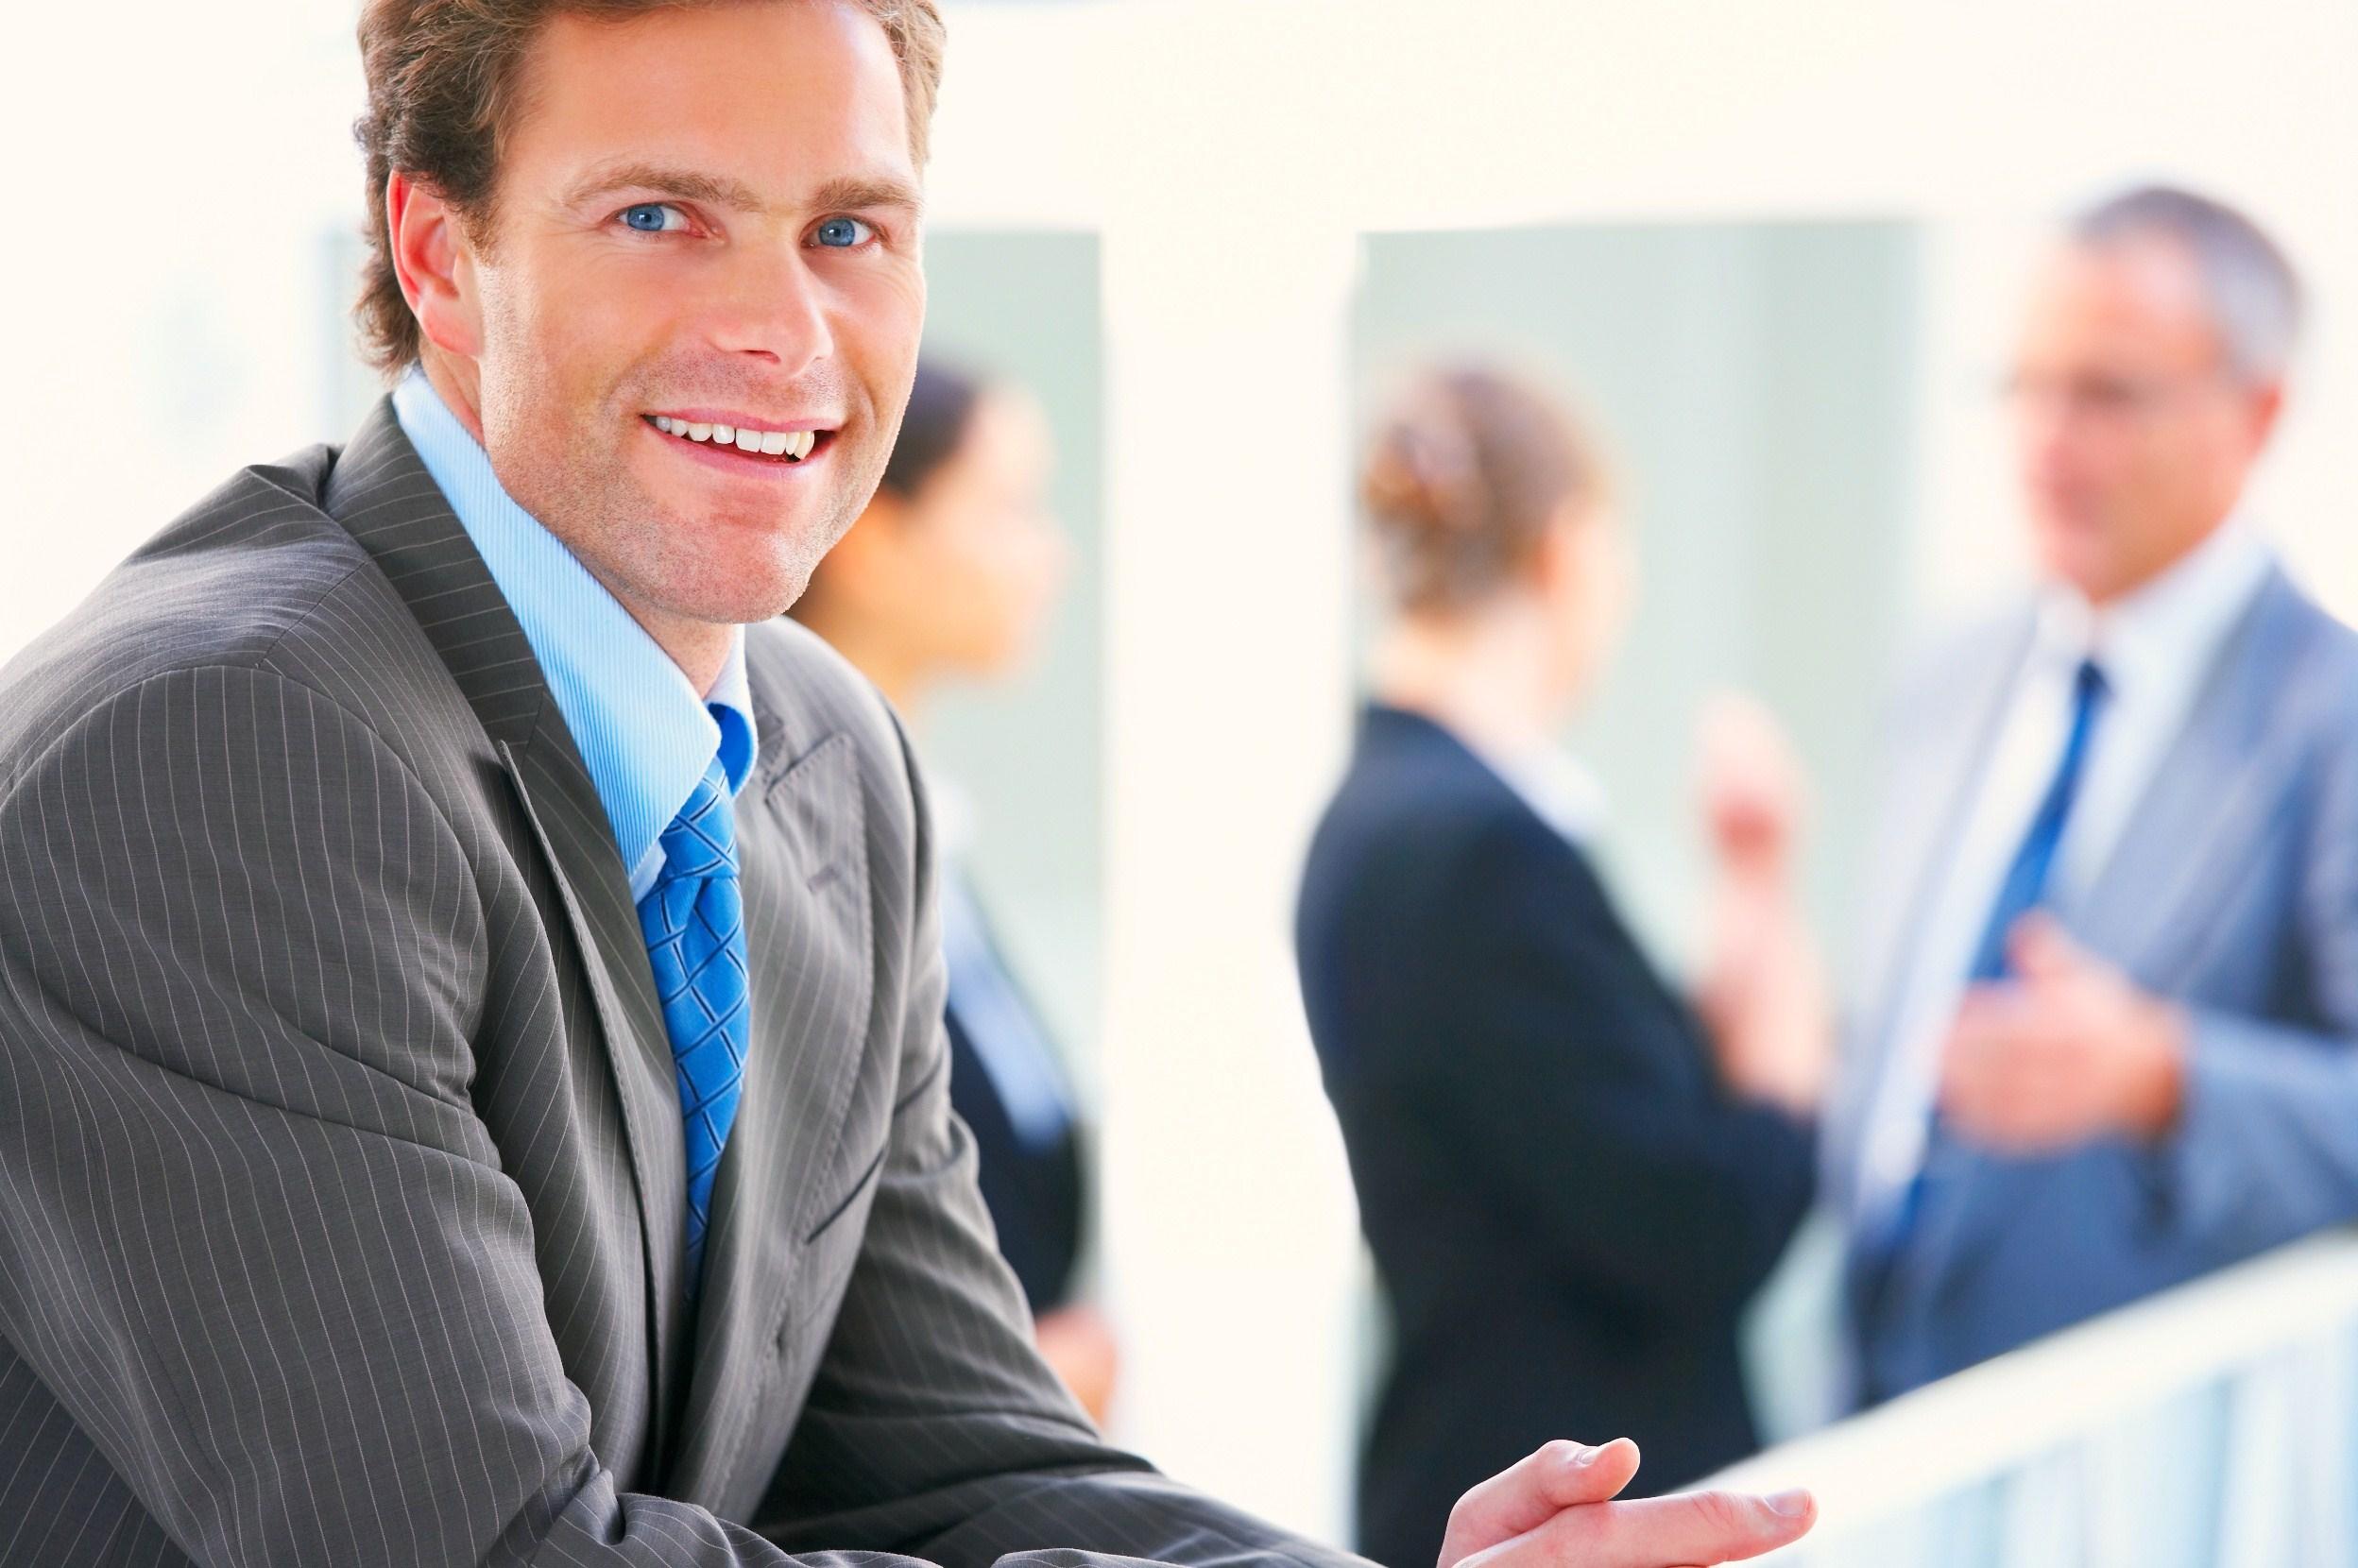 Curso Inem de Ingles para abogados